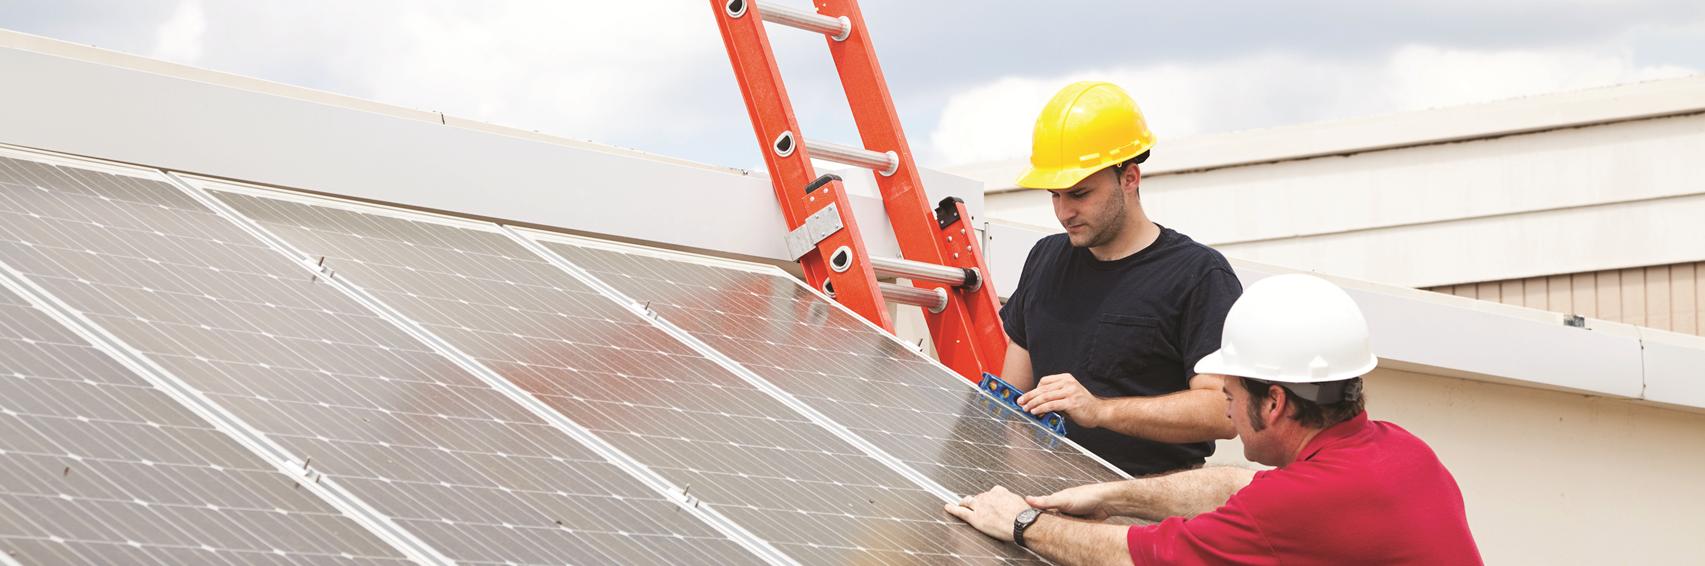 BPEC Renewables